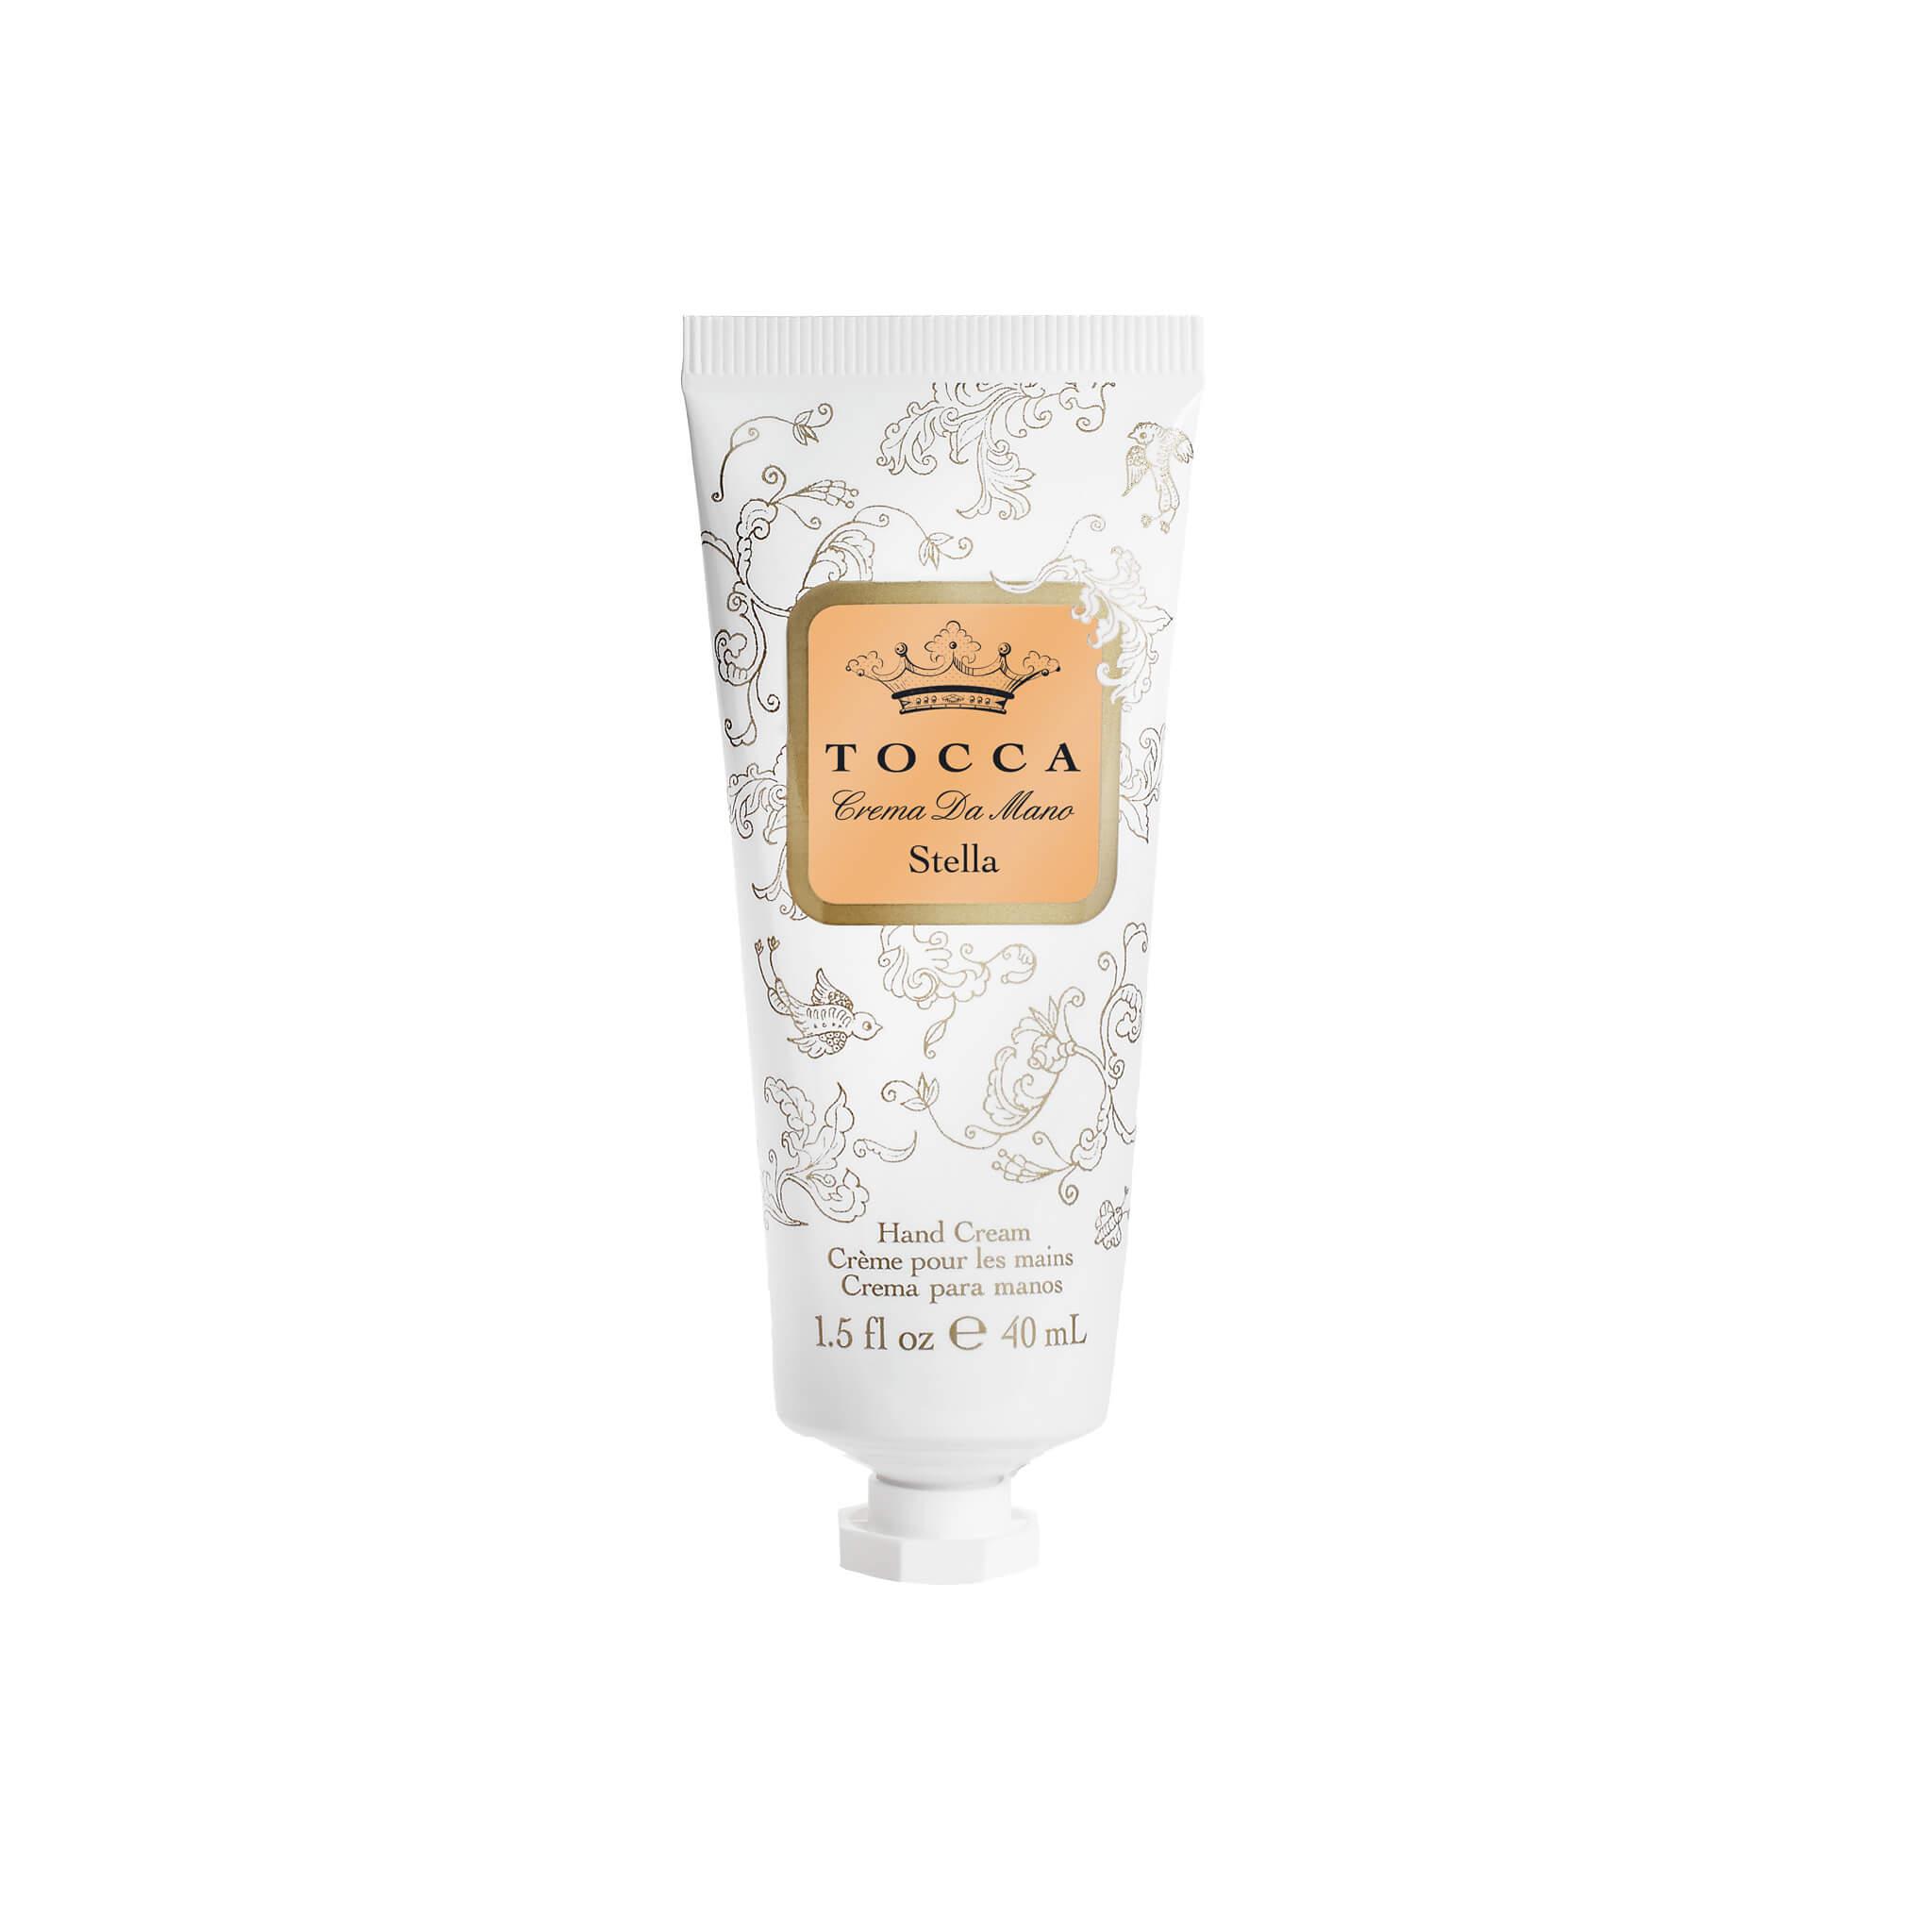 An image of Tocca Stella Cream da Mano Hand Cream 40ml